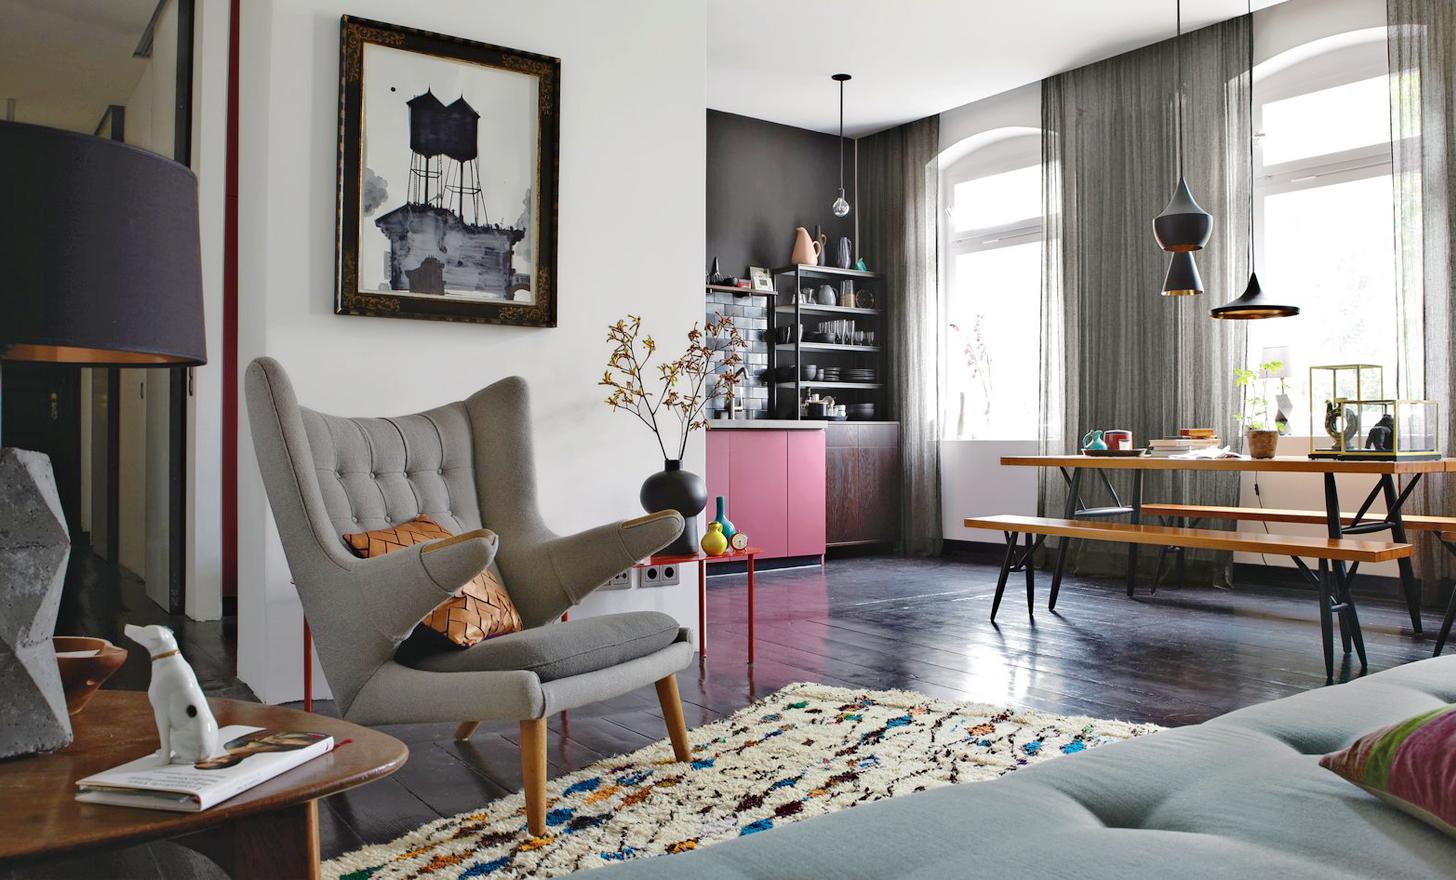 Účelovo zladený interiér je inšpiráciou - SCHNEIDER Real